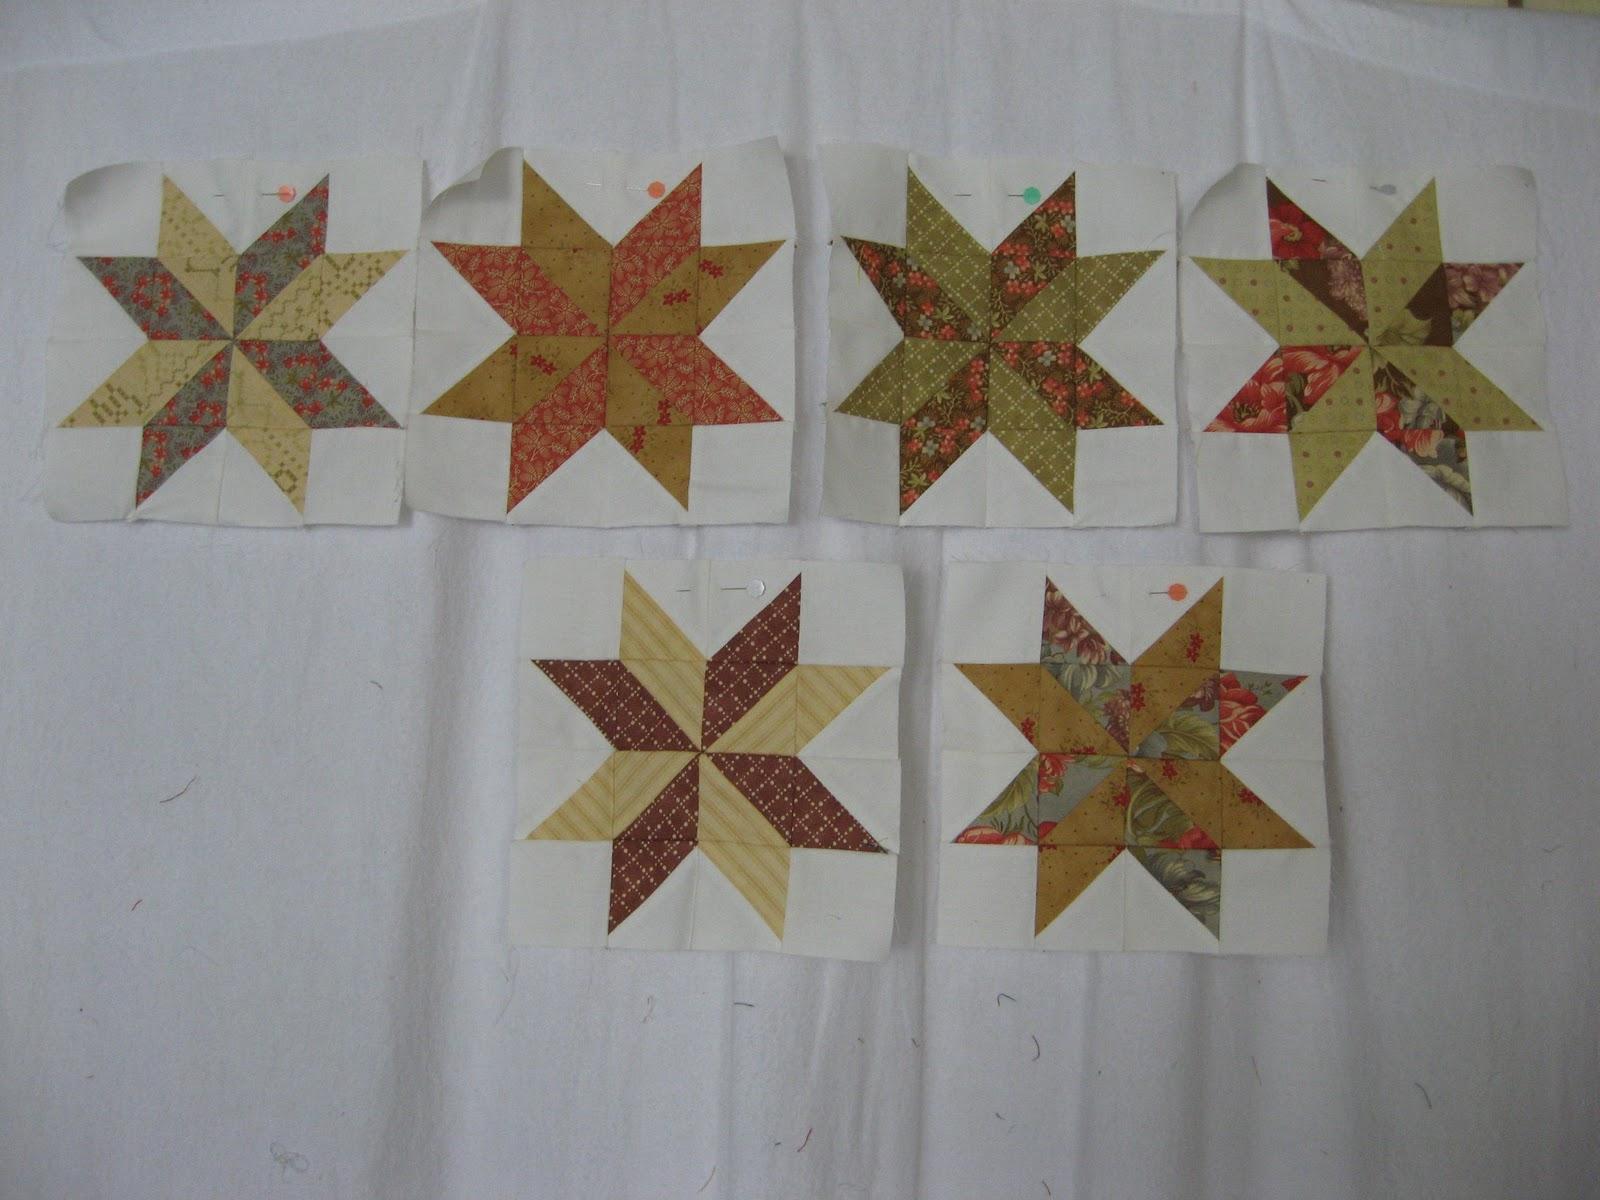 The sanguine stitcher midnight stars quilt top completed for Beach house blackbird designs moda